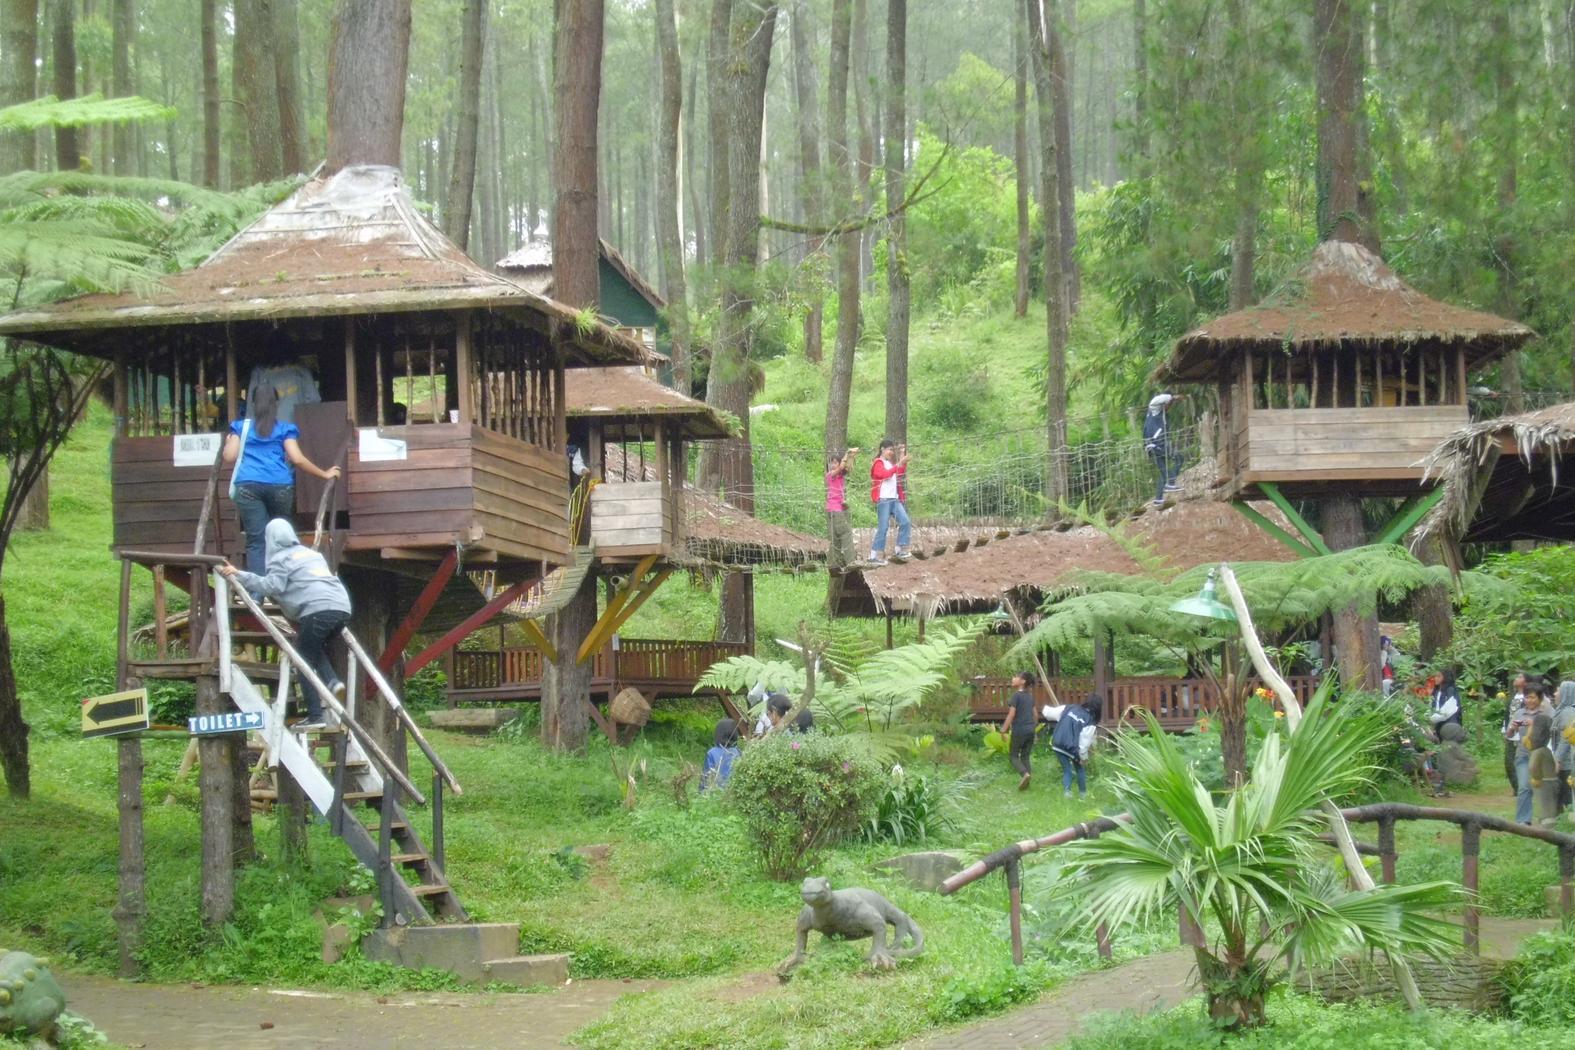 rumah pohon bekasi 10 Tempat Rekreasi Edukatif Terbaik di Jakarta dan Sekitarnya namenoble.com web hosting terbaik